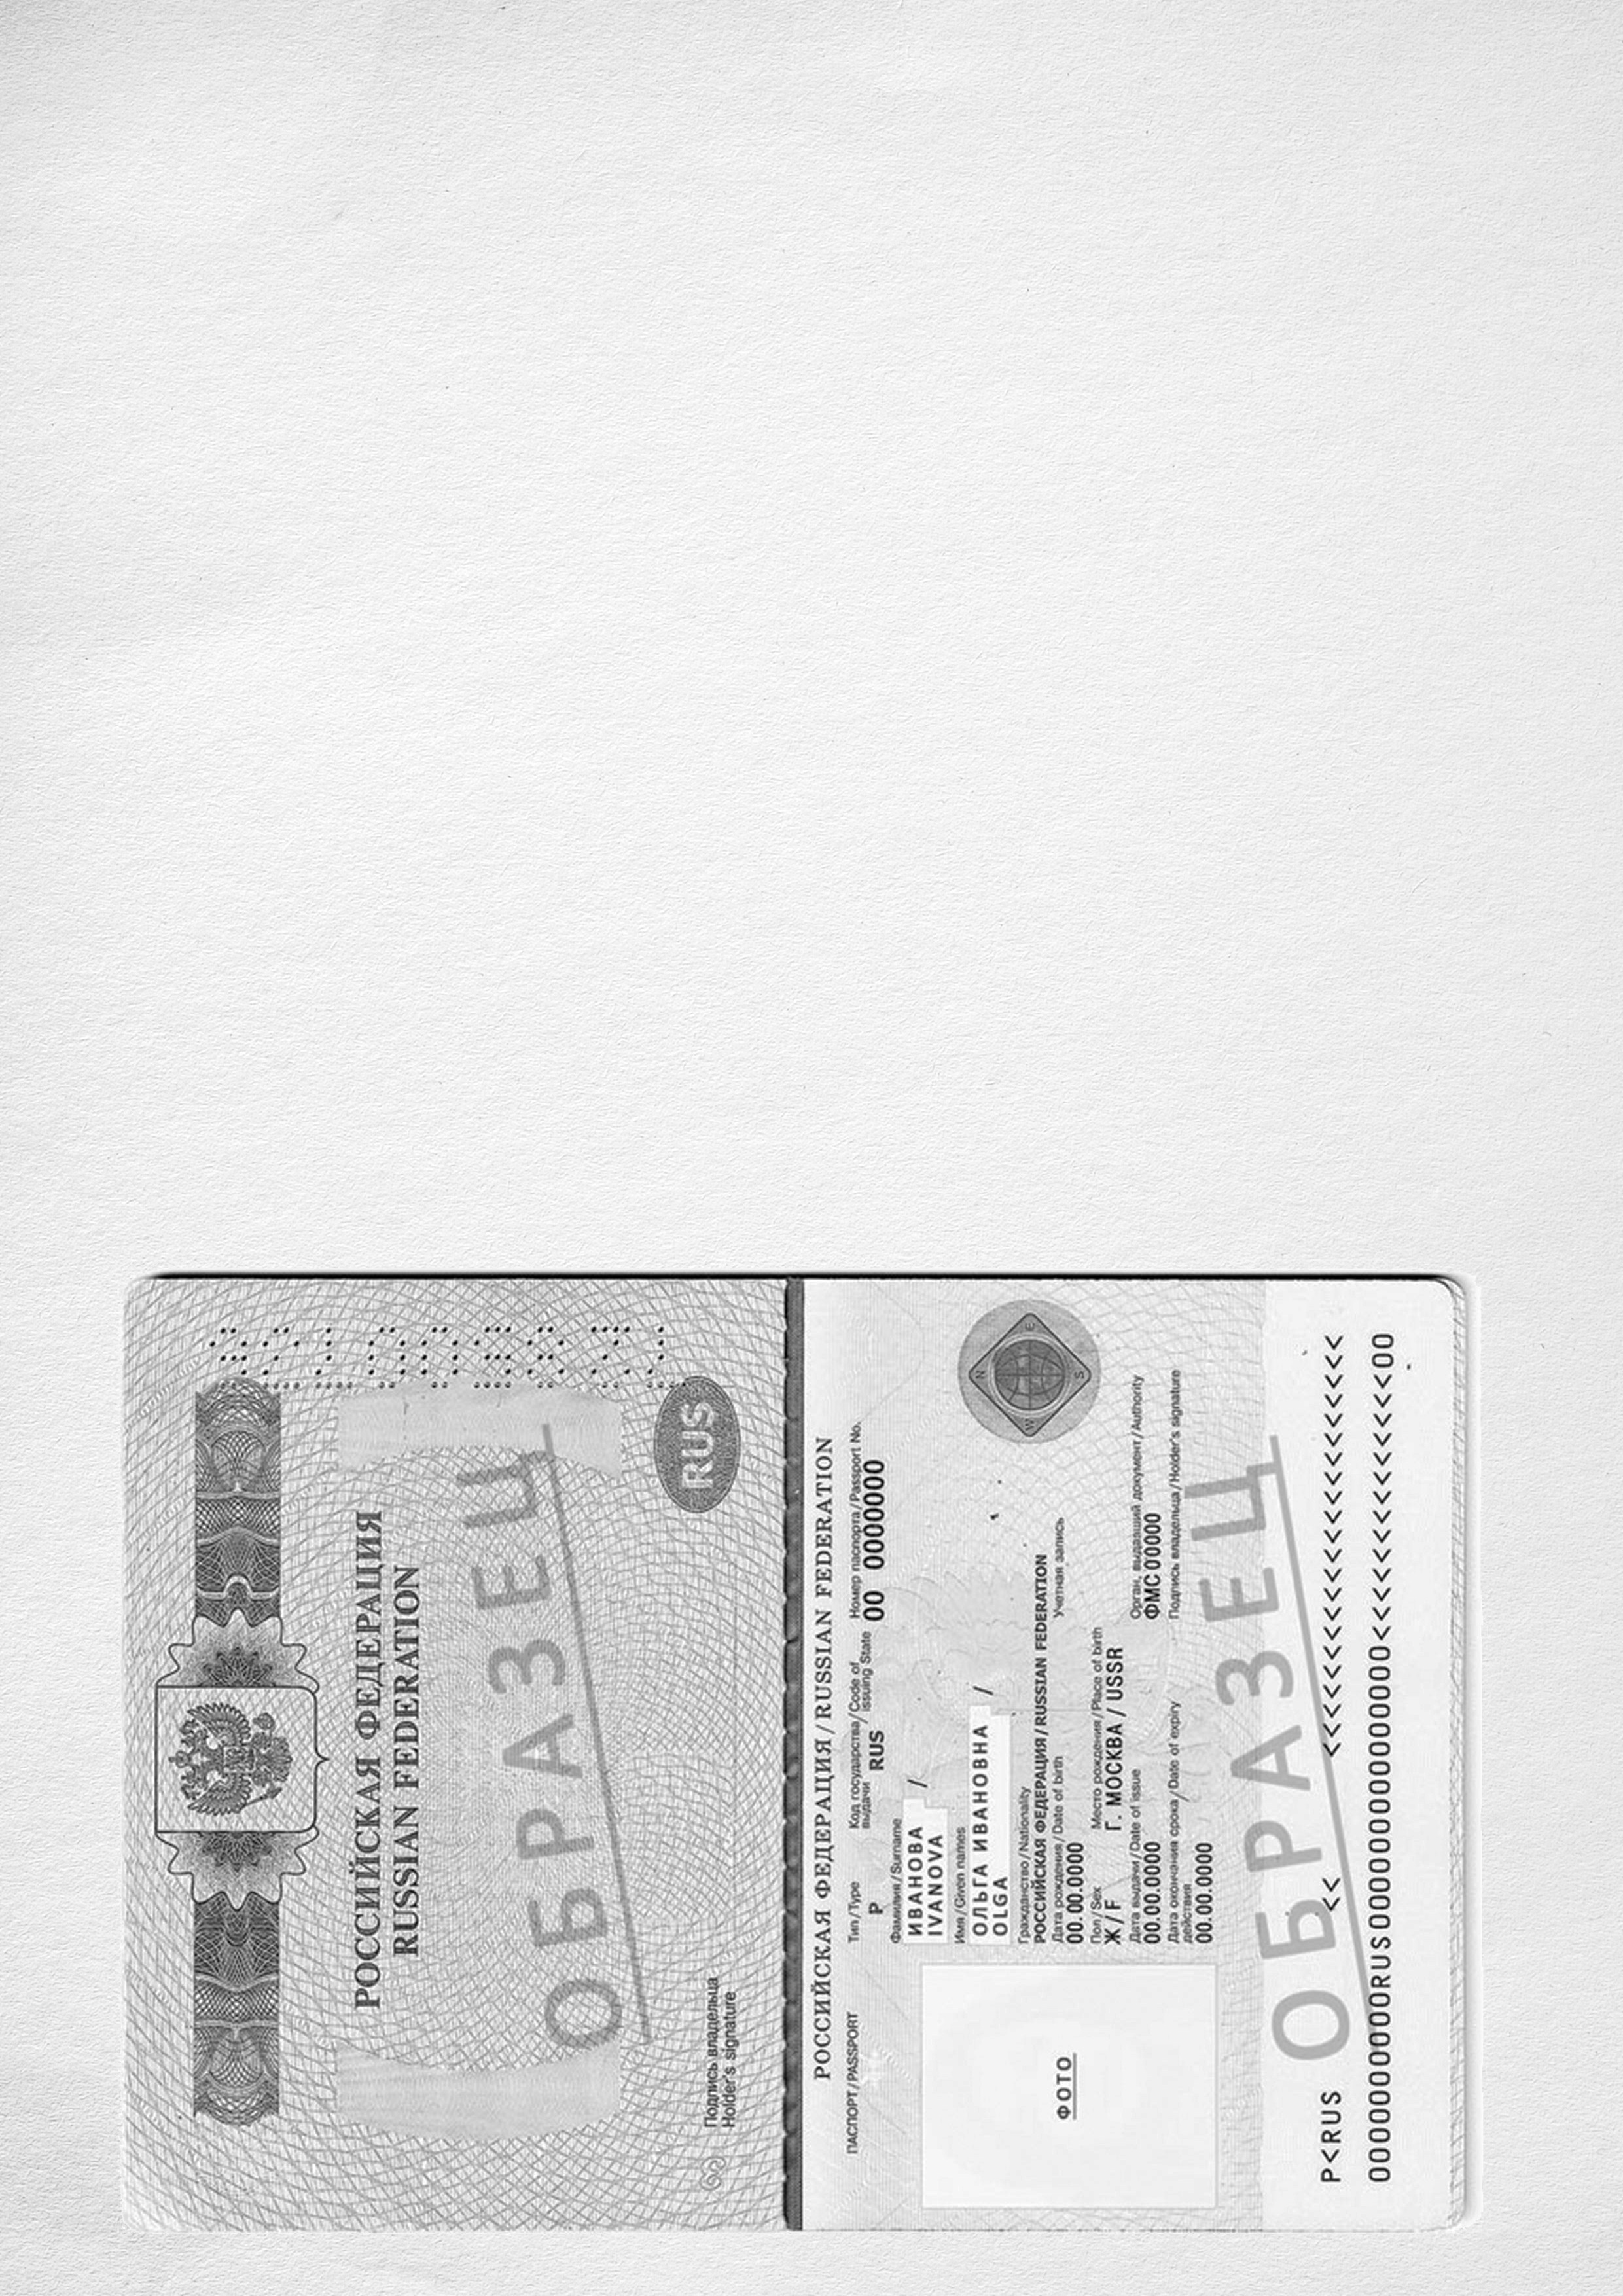 бланк анкета для отправки денежных средств за границу